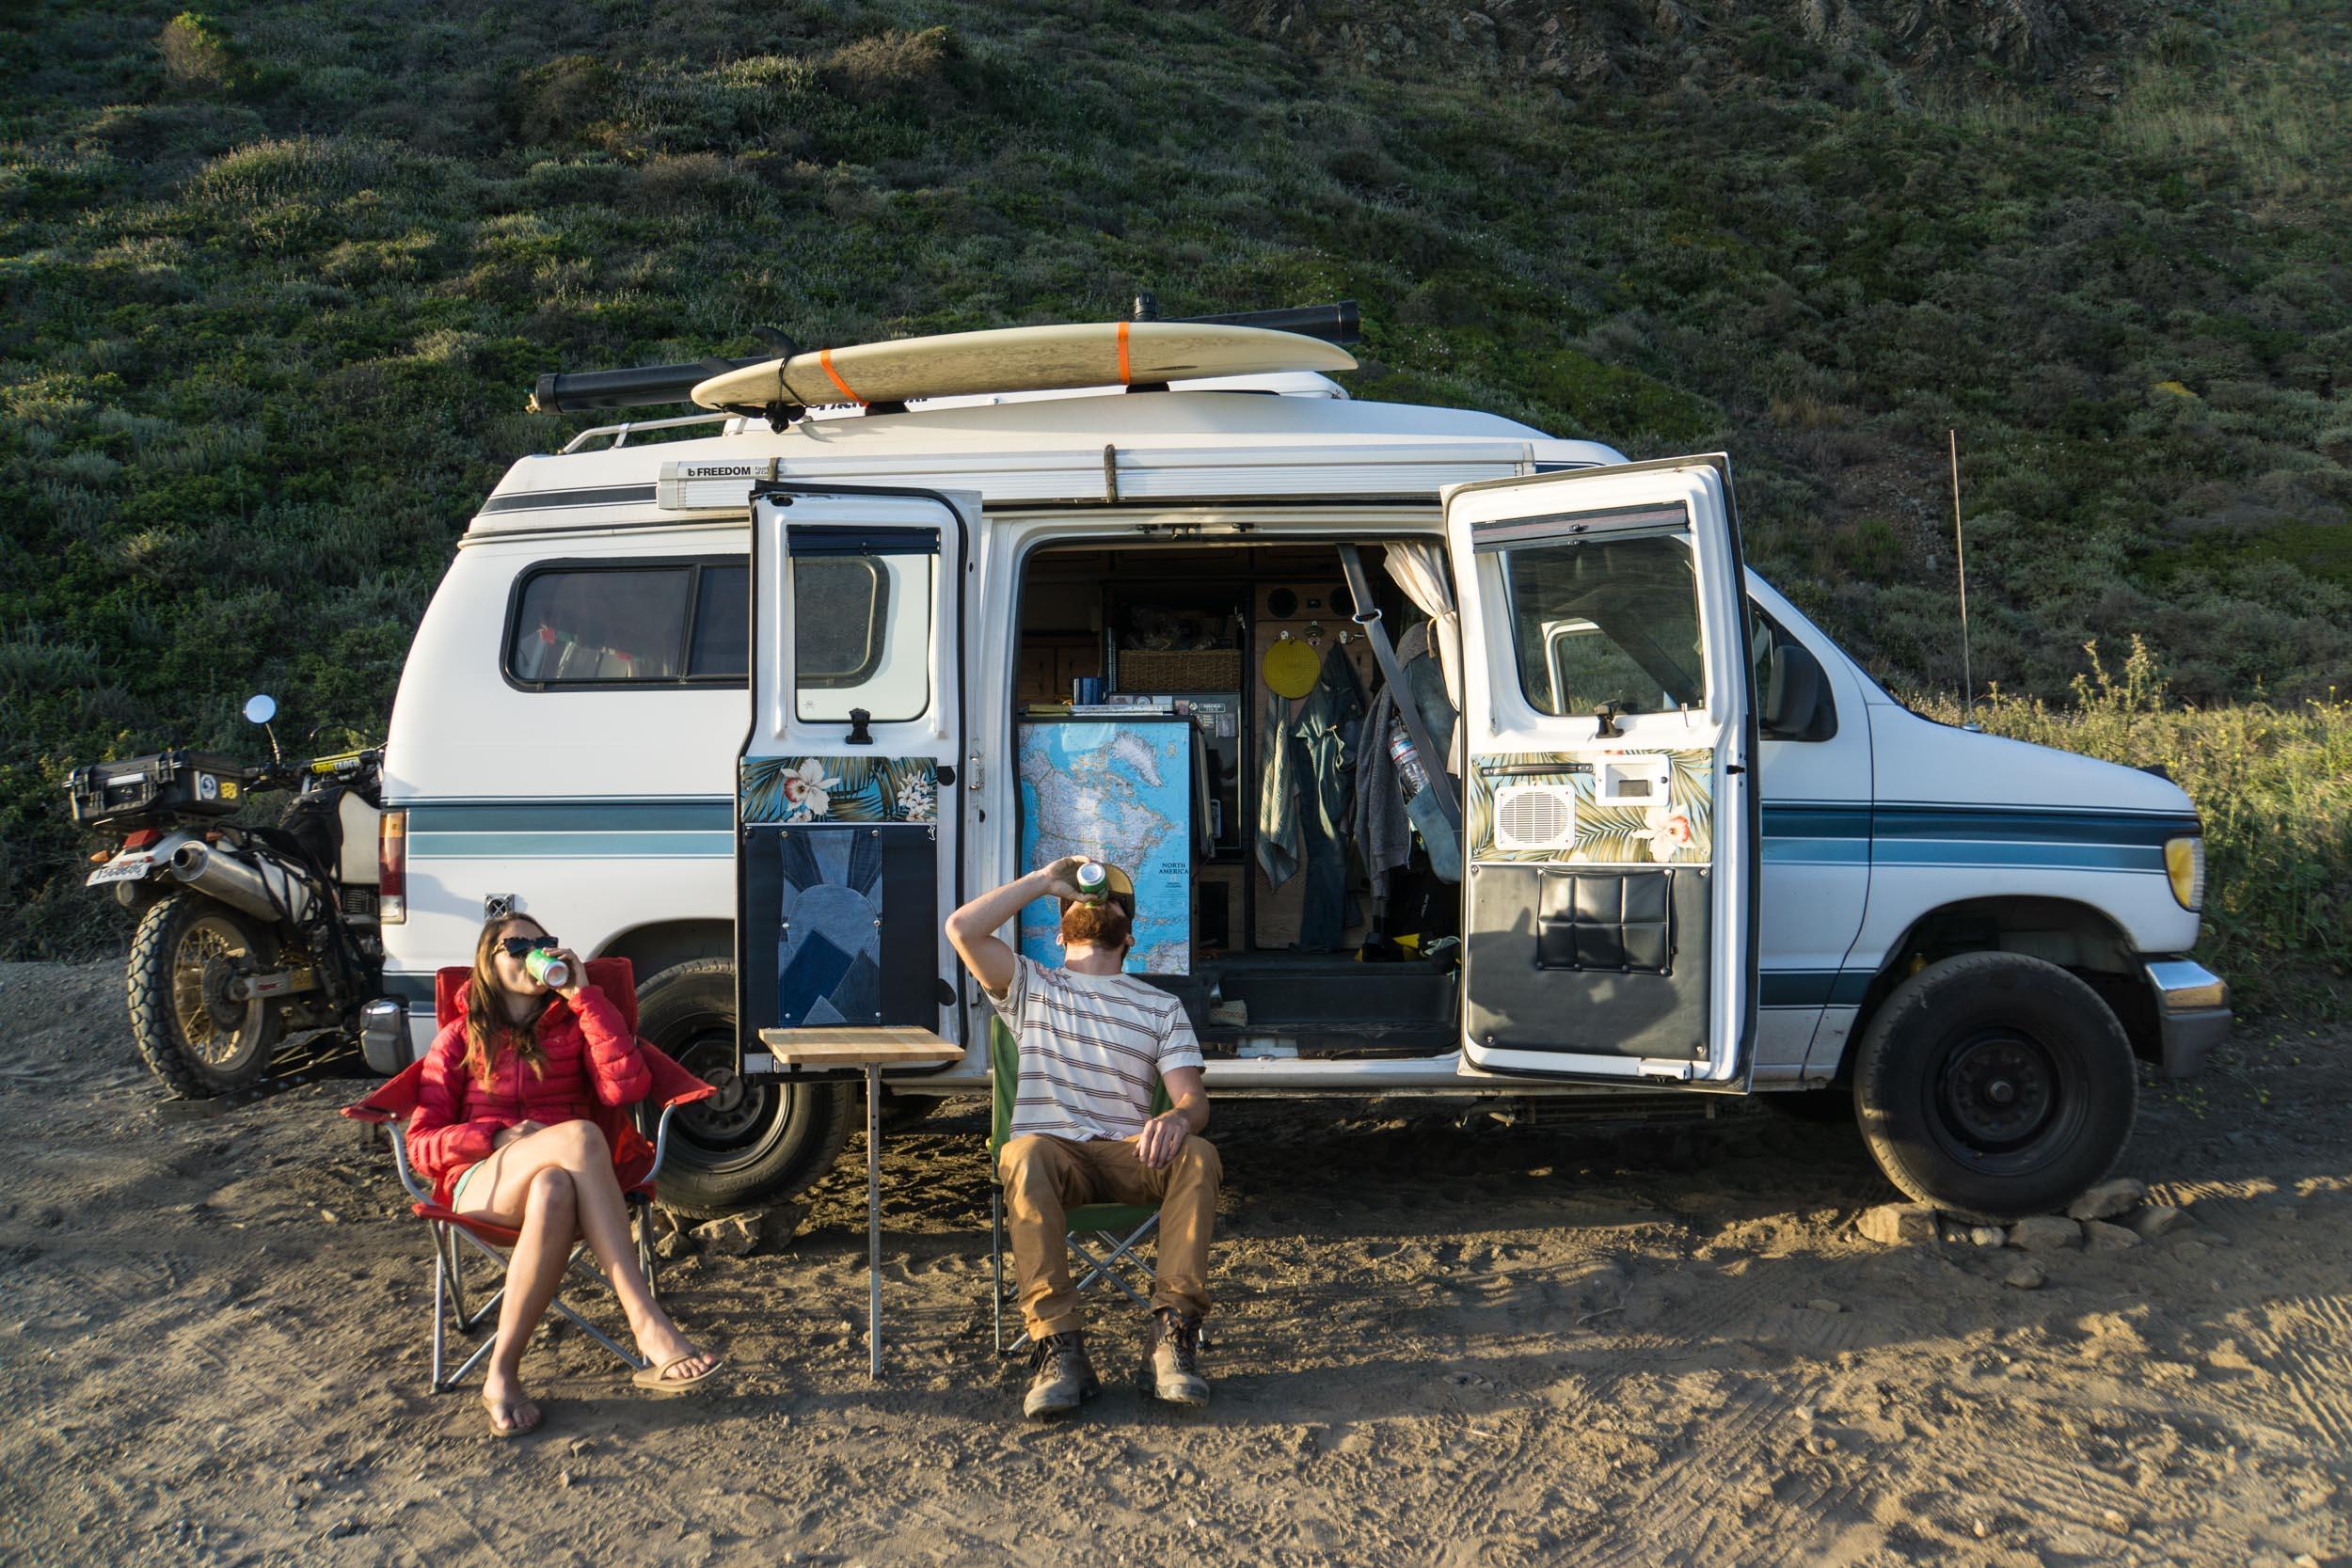 Next campsite 🍻